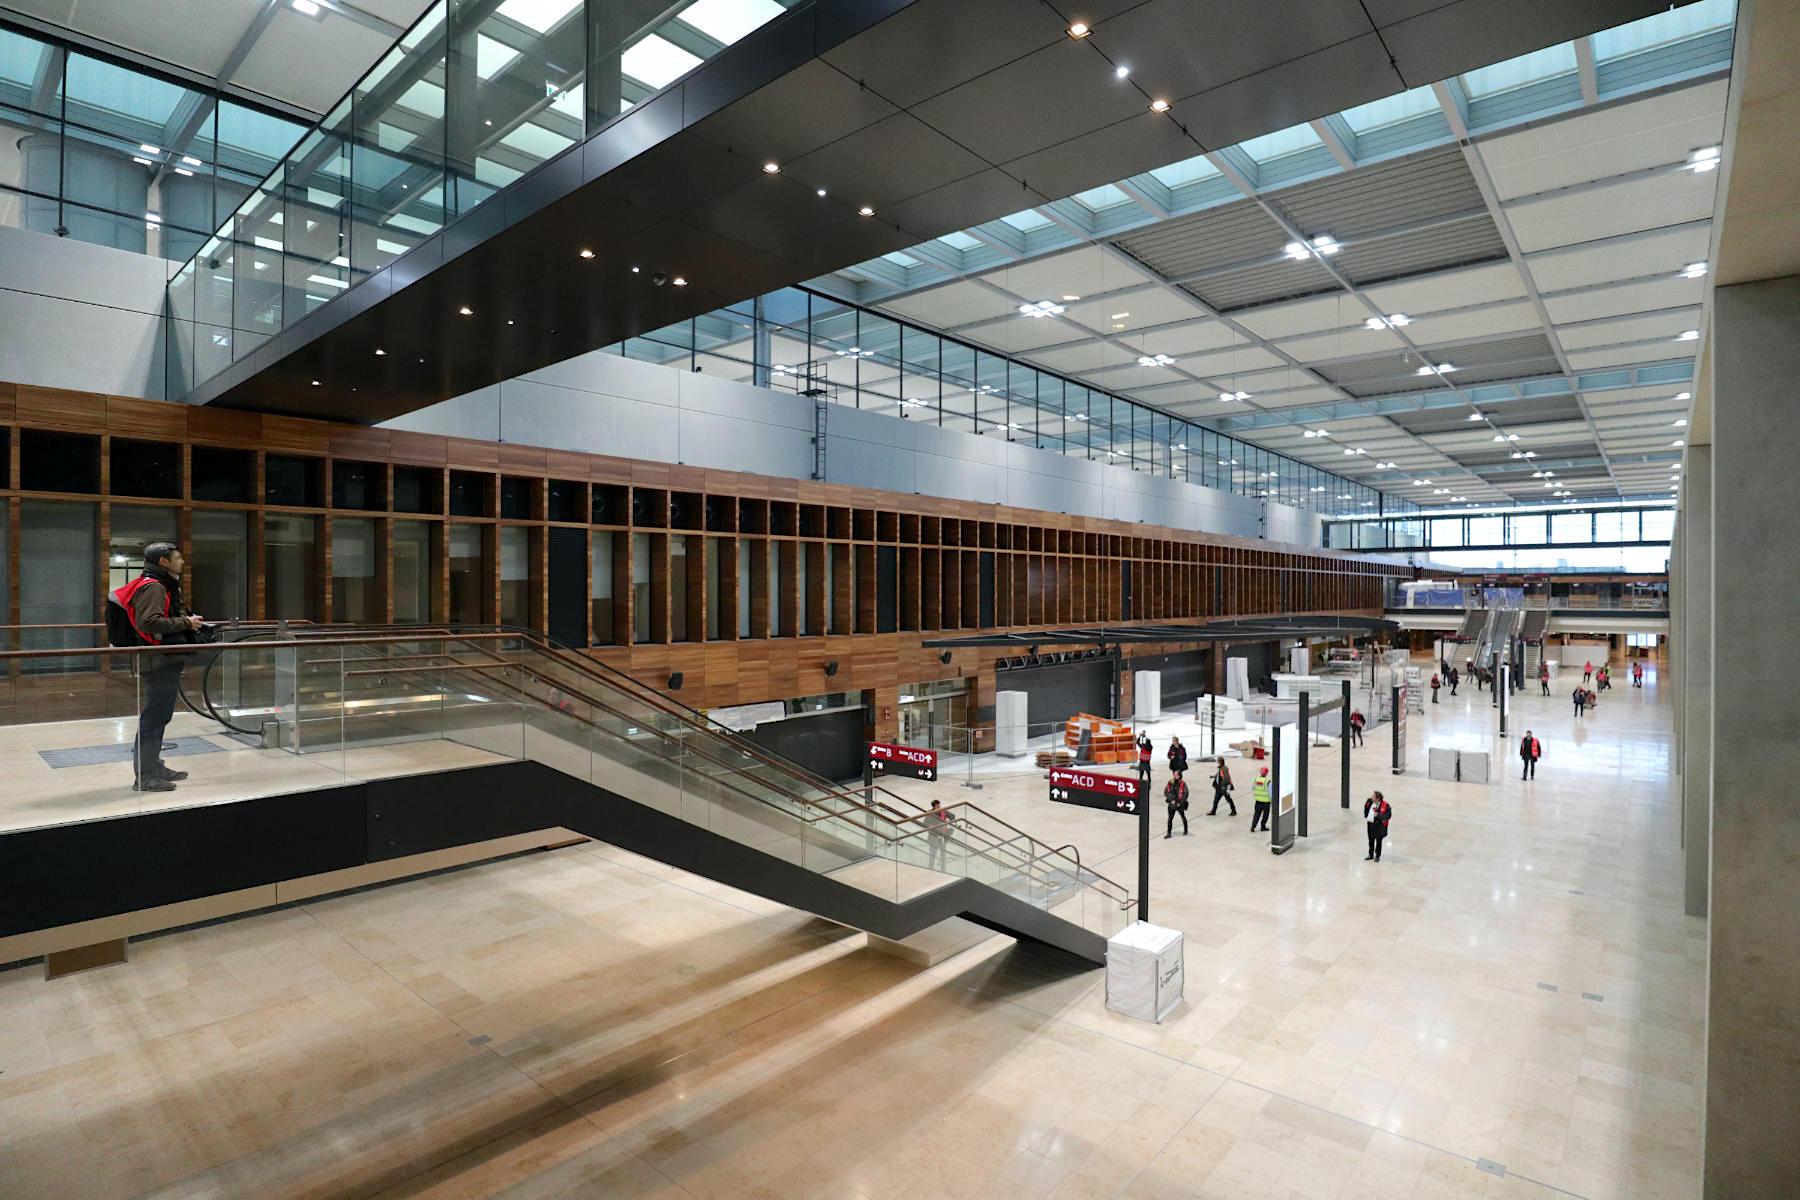 Flughafen Berlin Brandenburg BER. Am Mainpier mit einer Länge von 715 Meter.